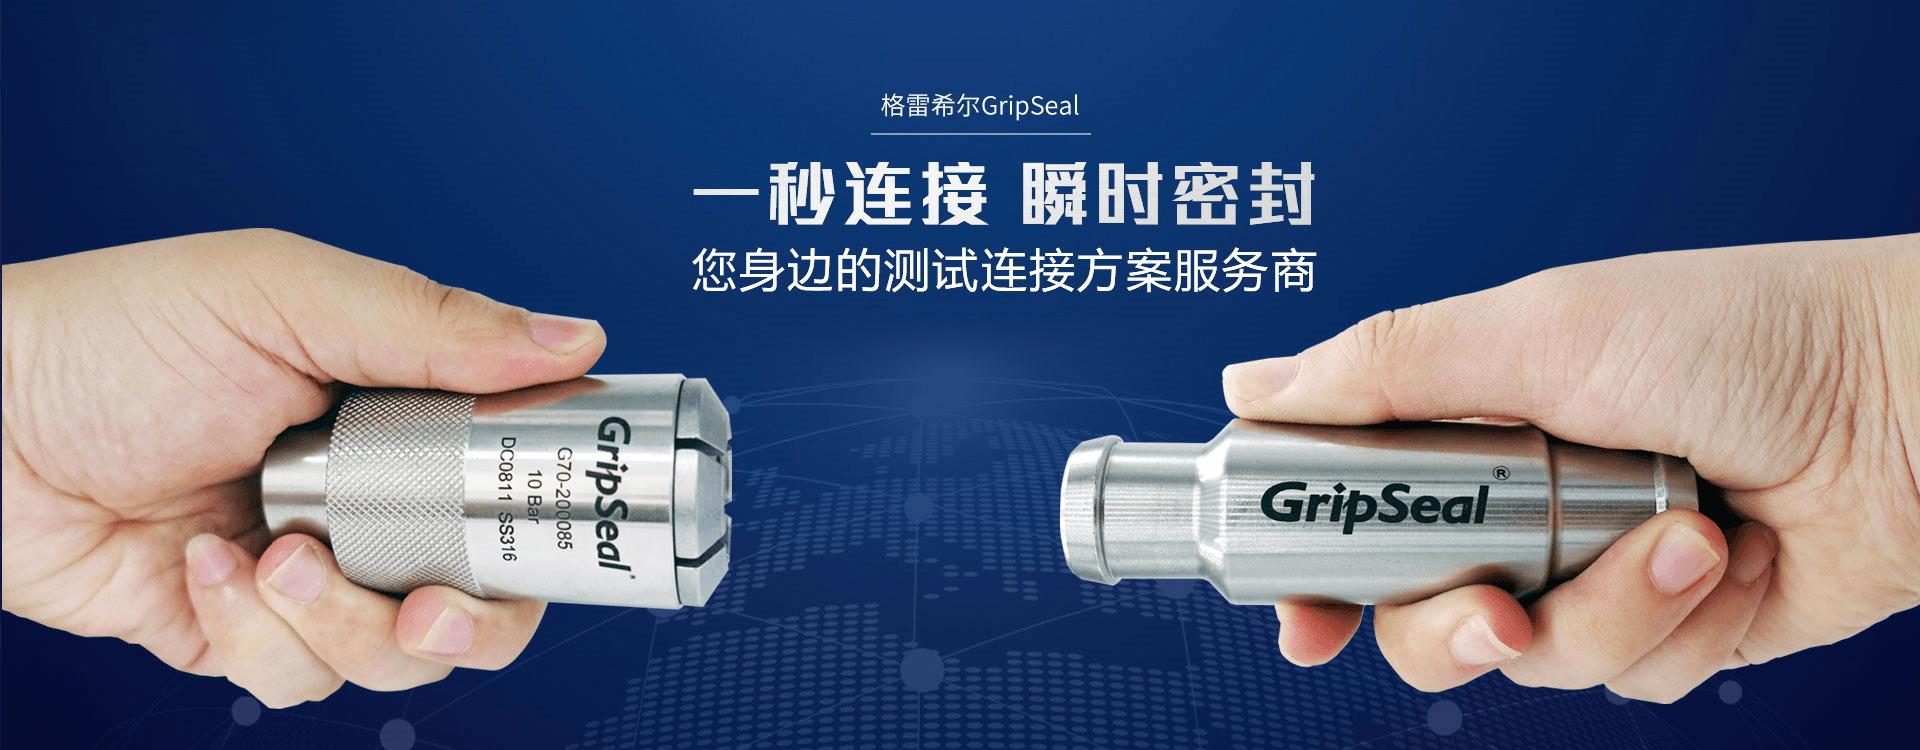 格雷希尔GripSeal你身边的测试连接方案服务商